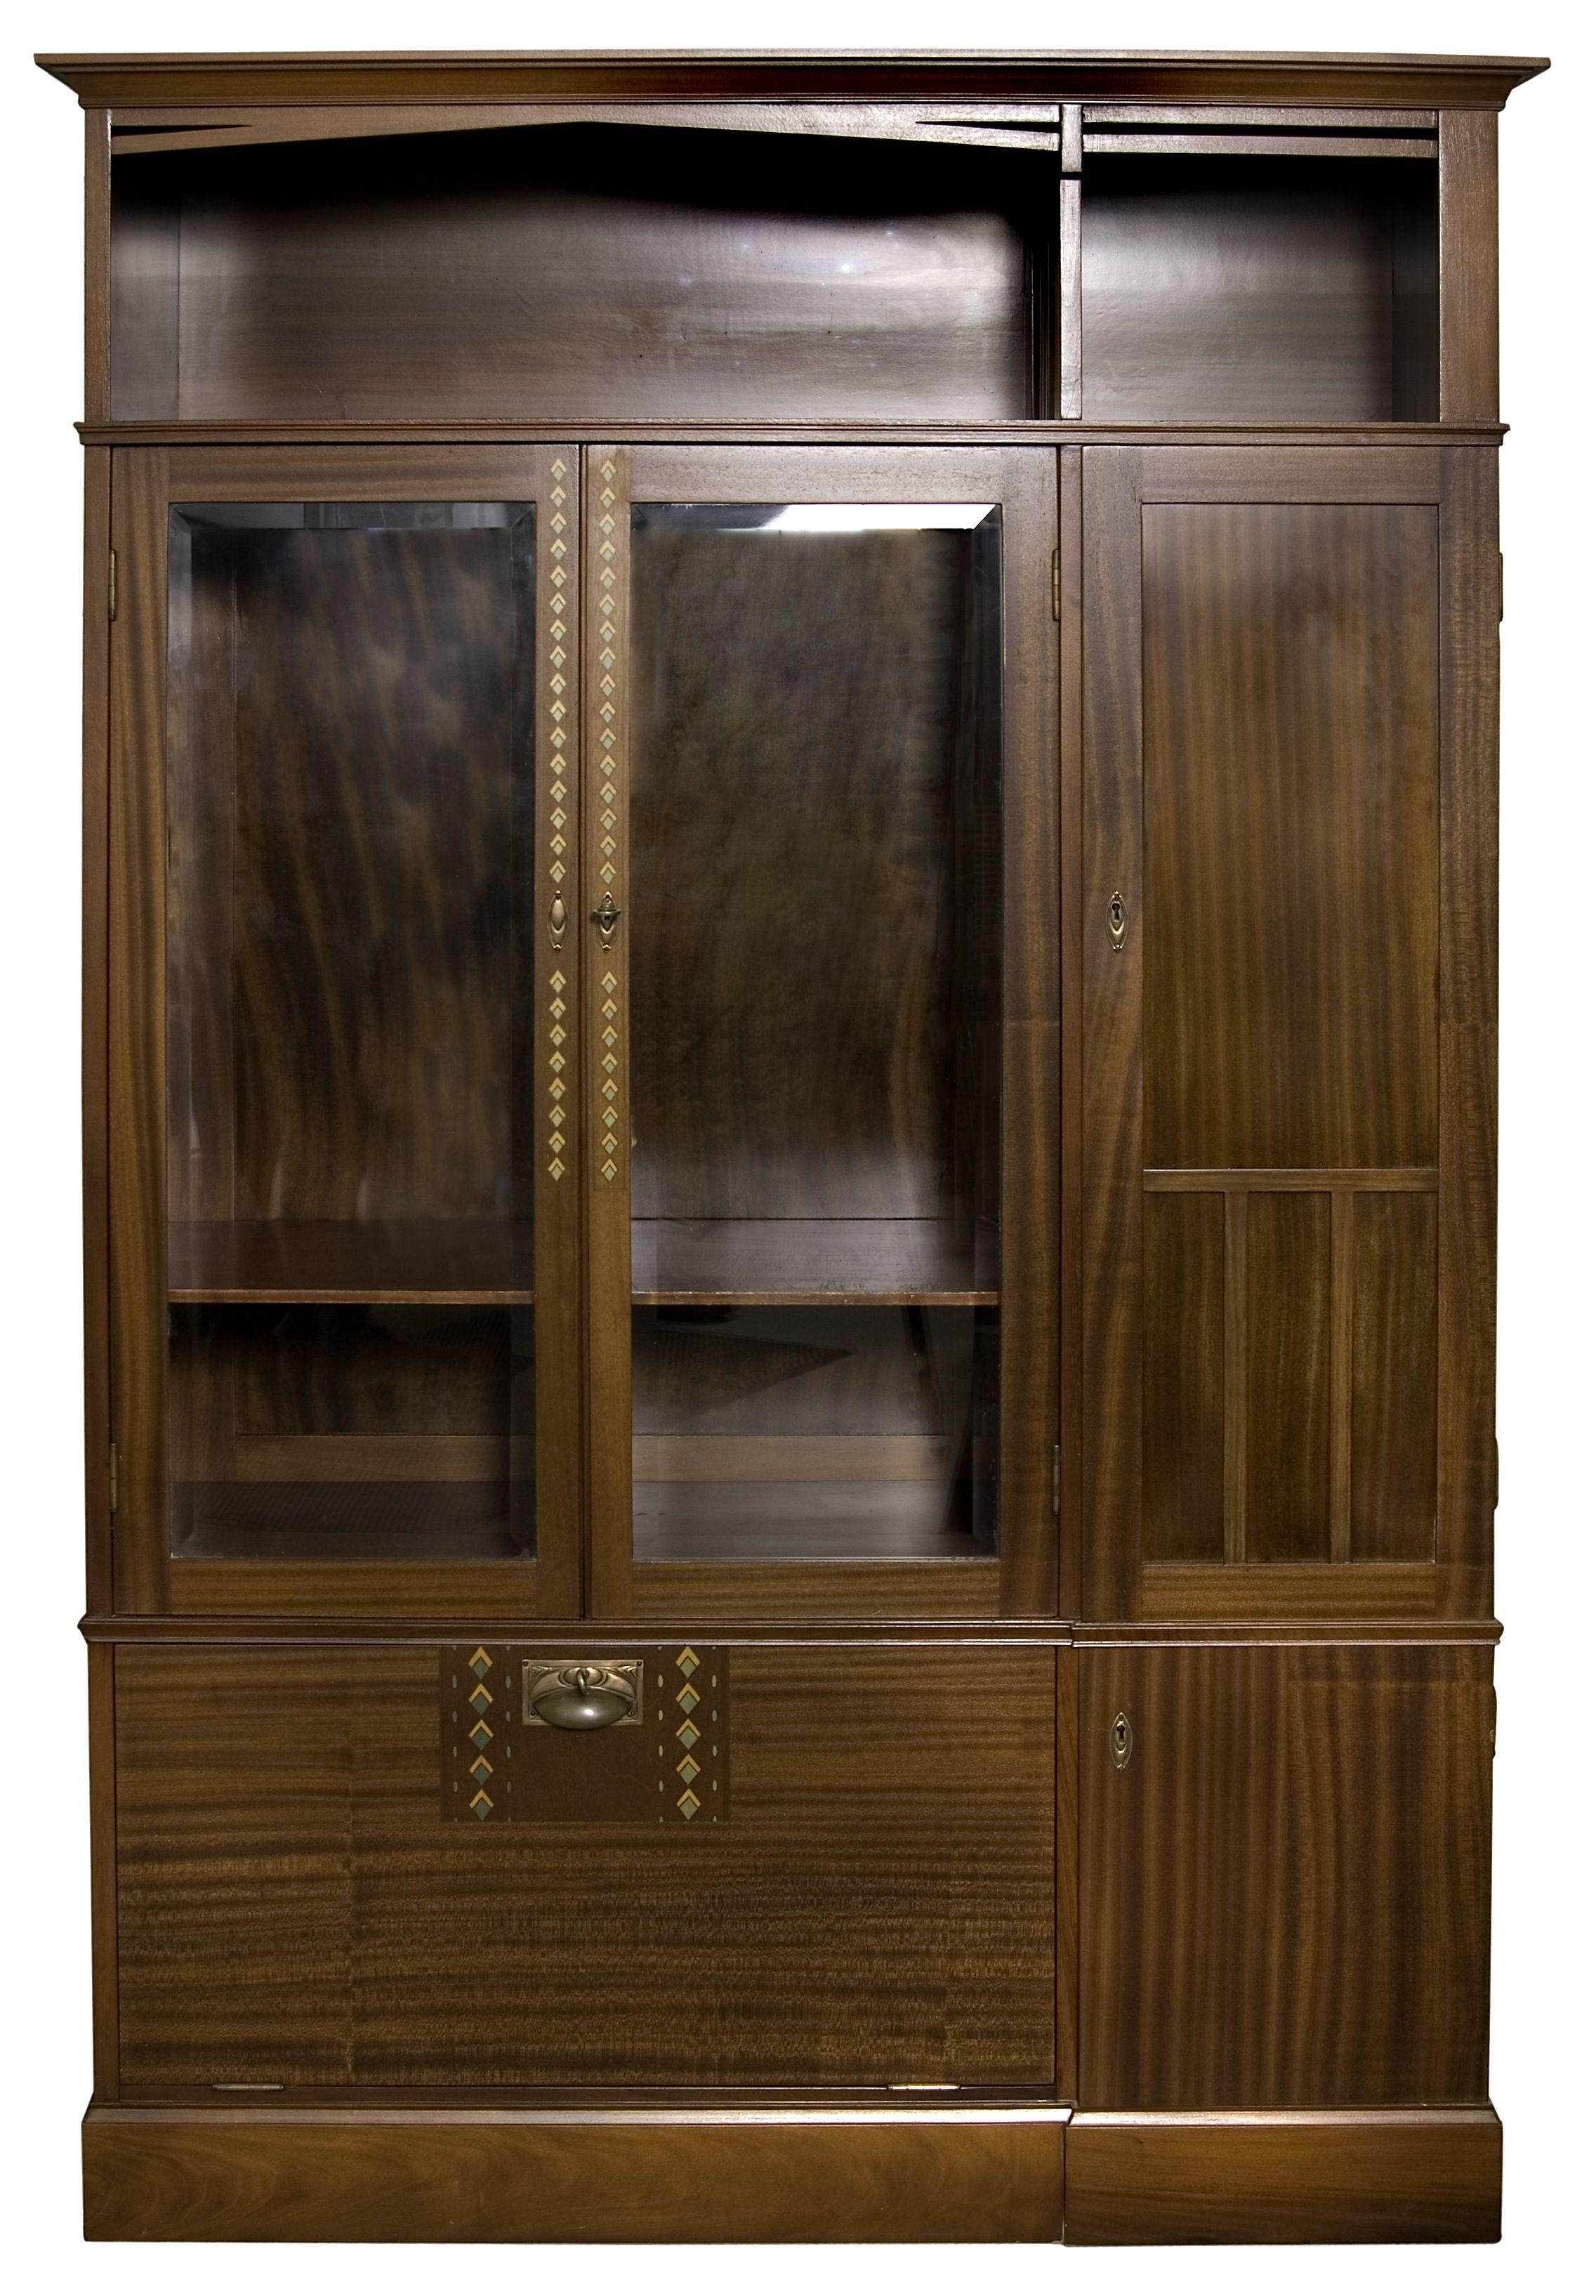 Möbelgeschäft Darmstadt joseph olbrich bookcase c 1904 manufactured by julius